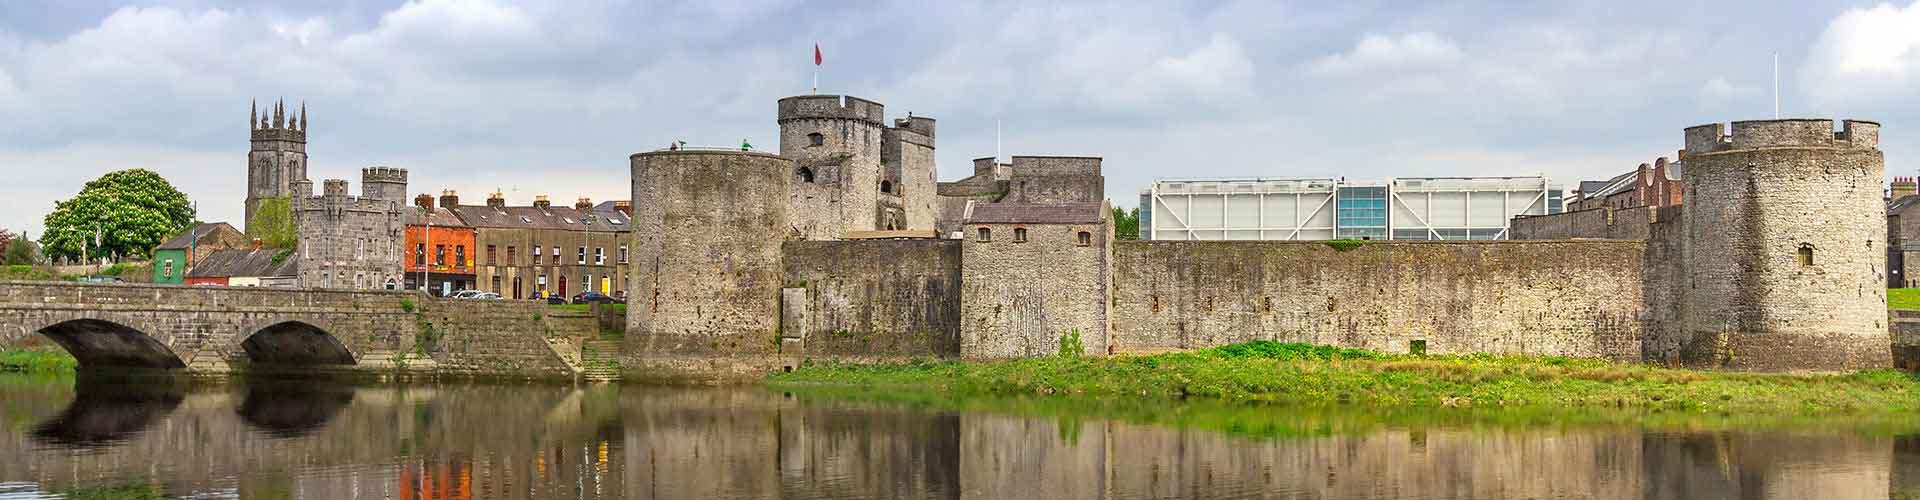 Limerick - Appartments à Limerick. Cartes pour Limerick, photos et commentaires pour chaque appartement à Limerick.